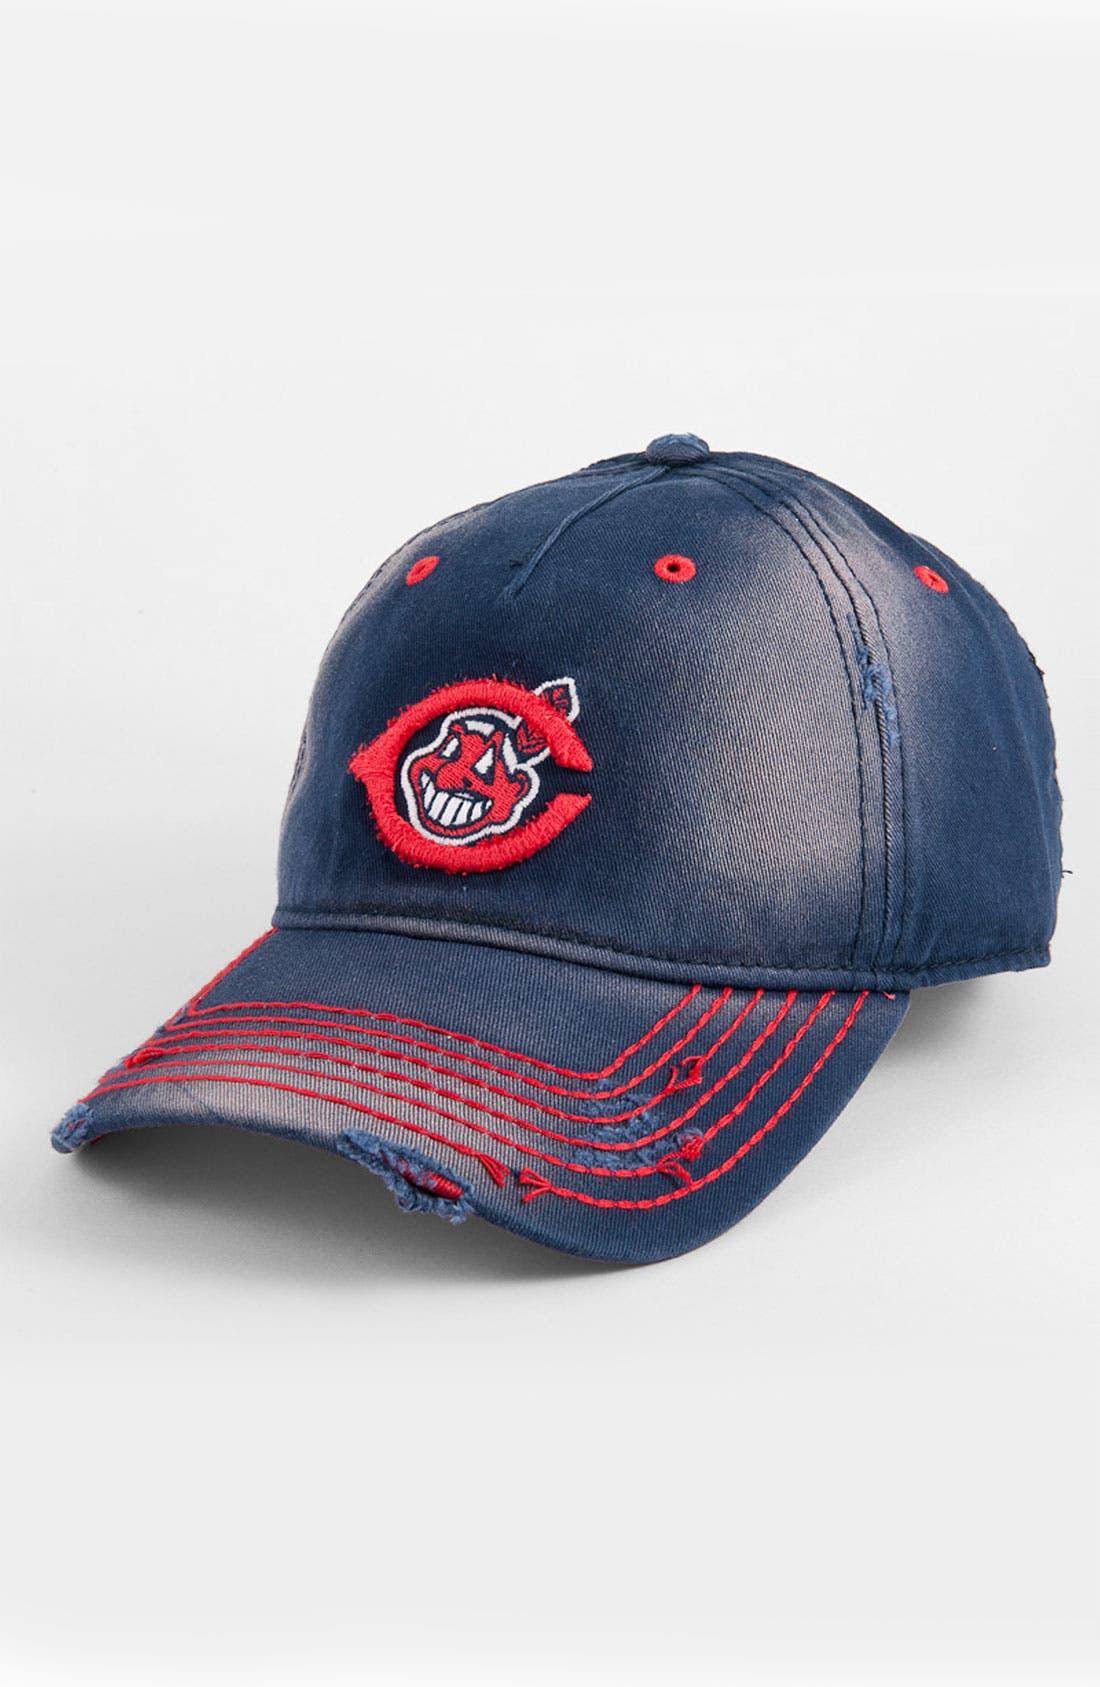 Main Image - American Needle 'Cleveland Indians' Baseball Cap